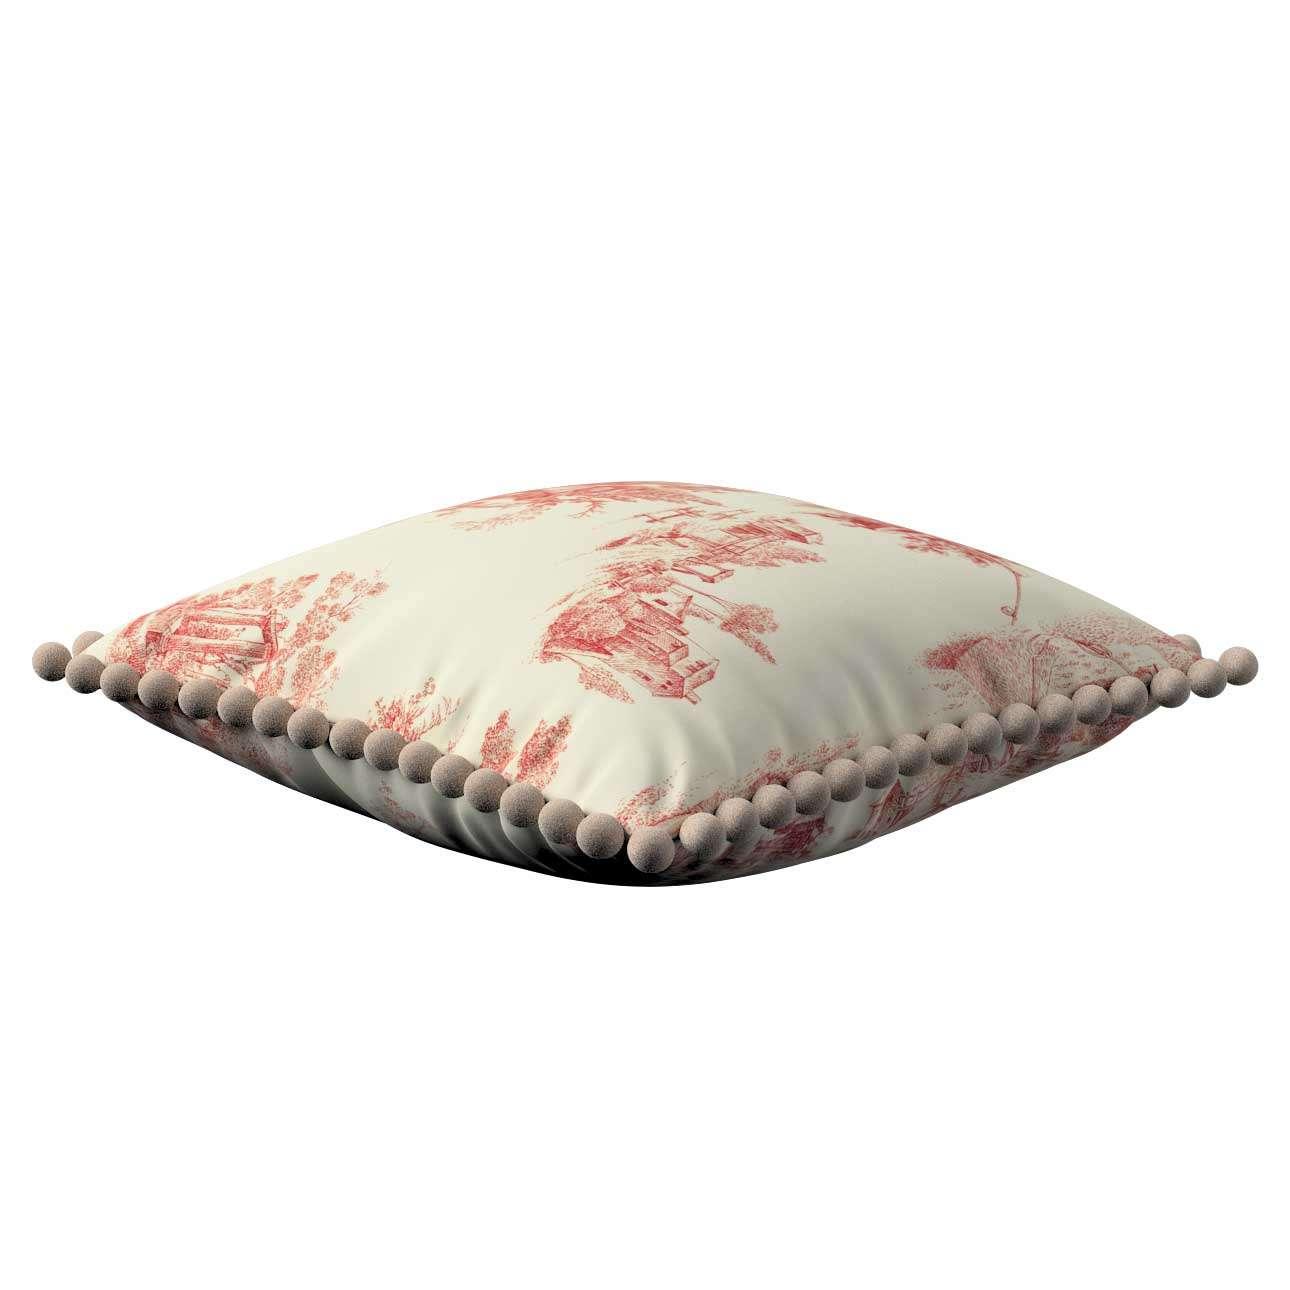 Wera dekoratyvinės pagalvėlės užvalkalas su žaismingais kraštais 45 x 45 cm kolekcijoje Avinon, audinys: 132-15